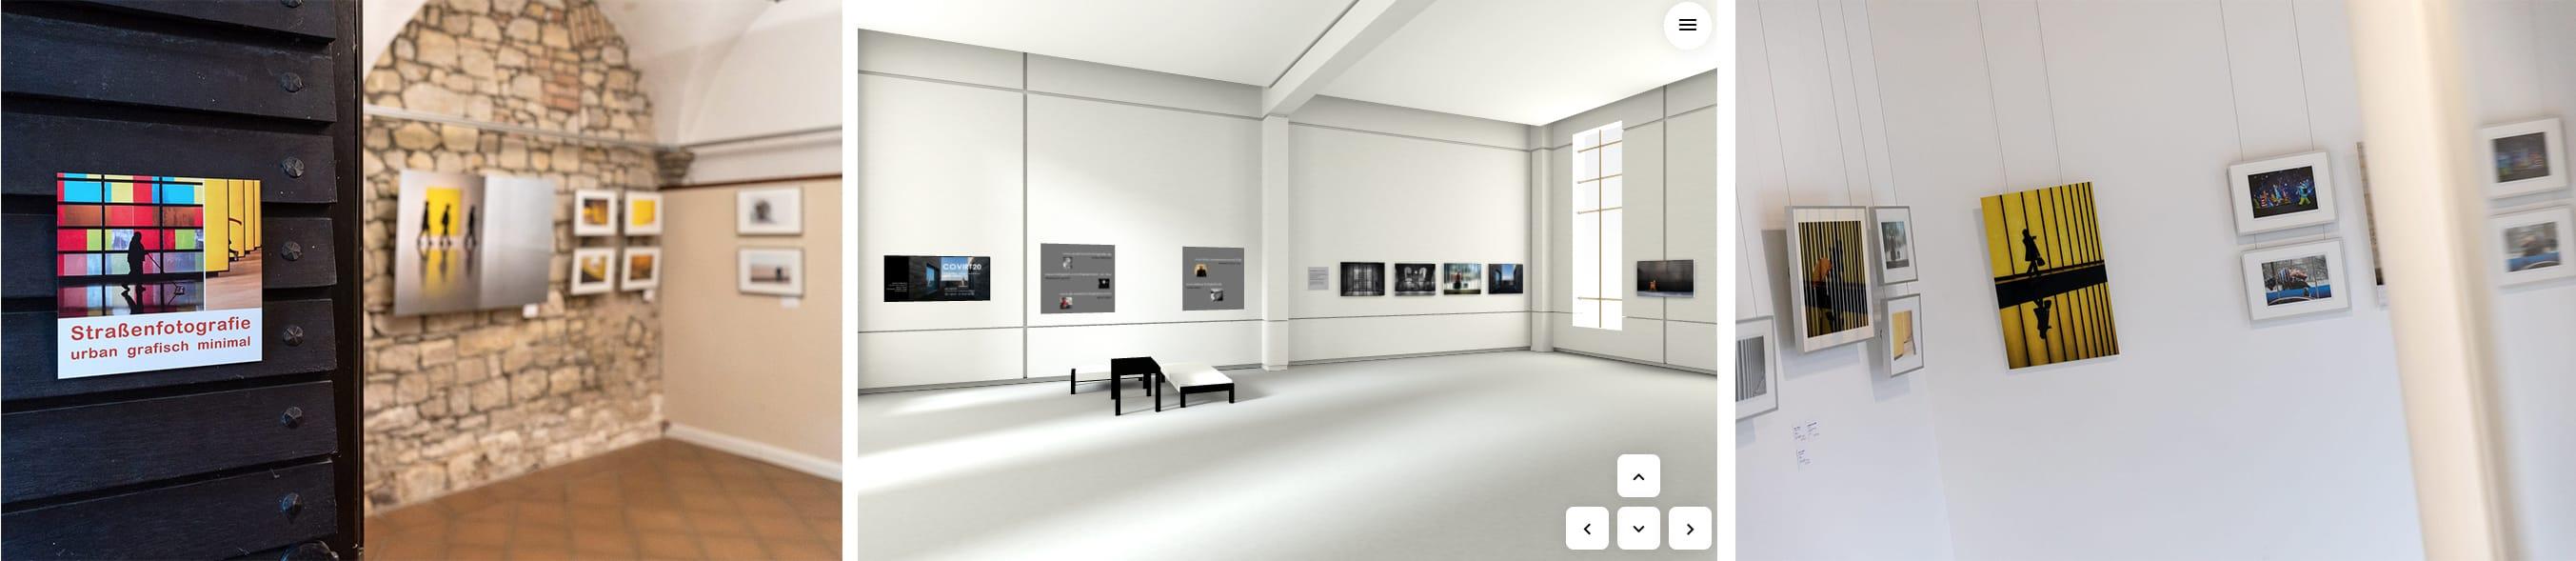 querformat-fotografie - Achim Katzberg - Besondere Zeiten - besondere Aktivitäten - Ausstellungen